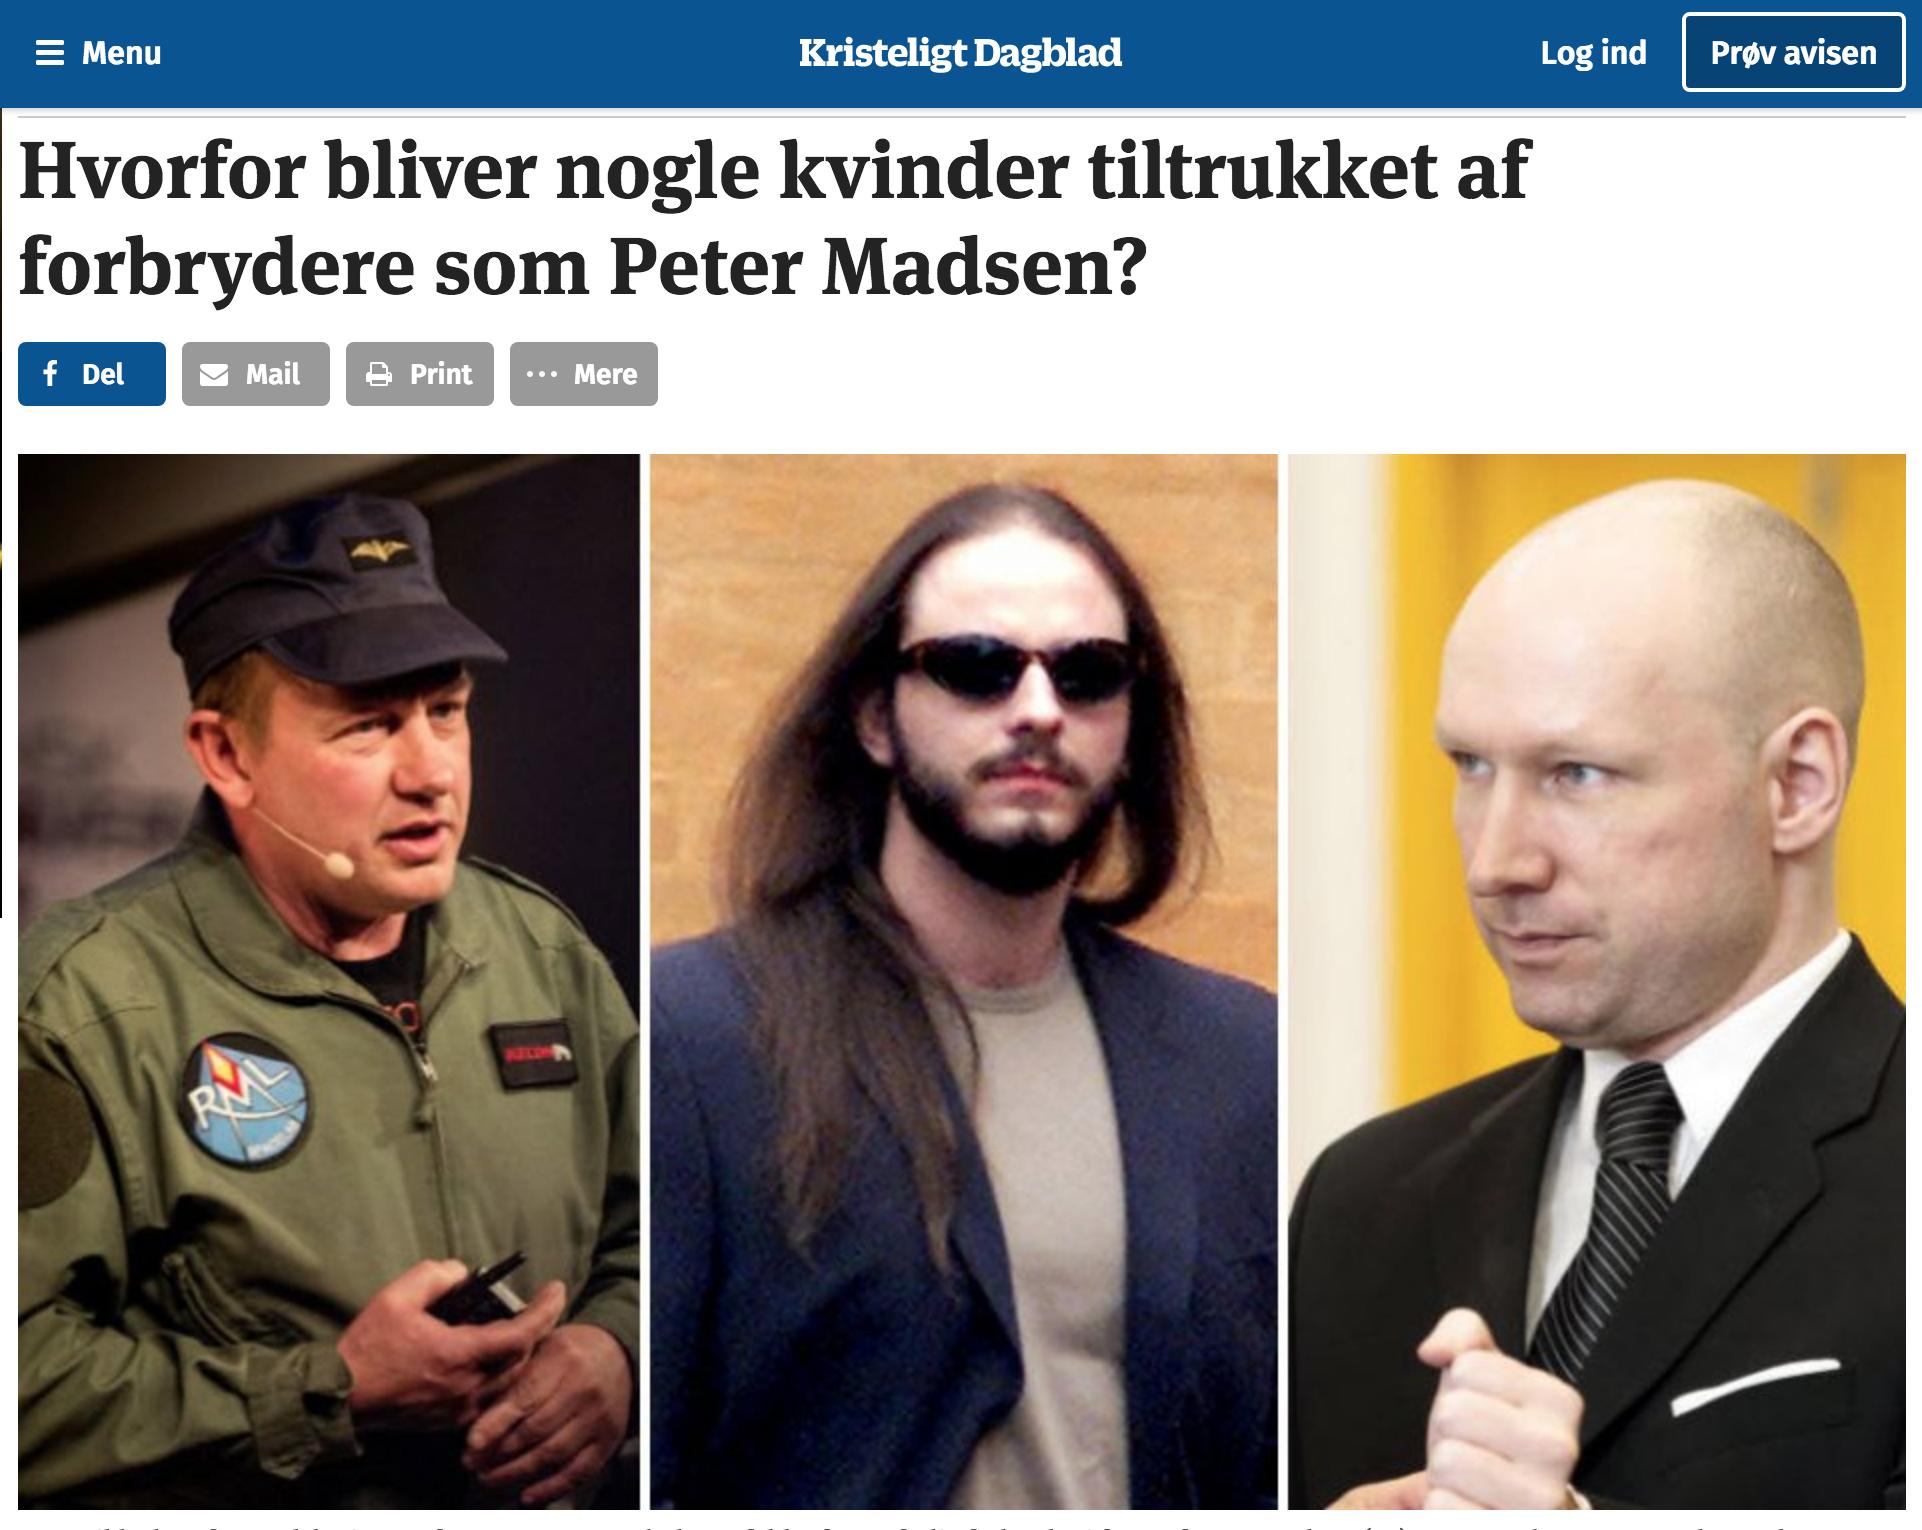 Berith Siegumfeldt - Kristelig Dagblad